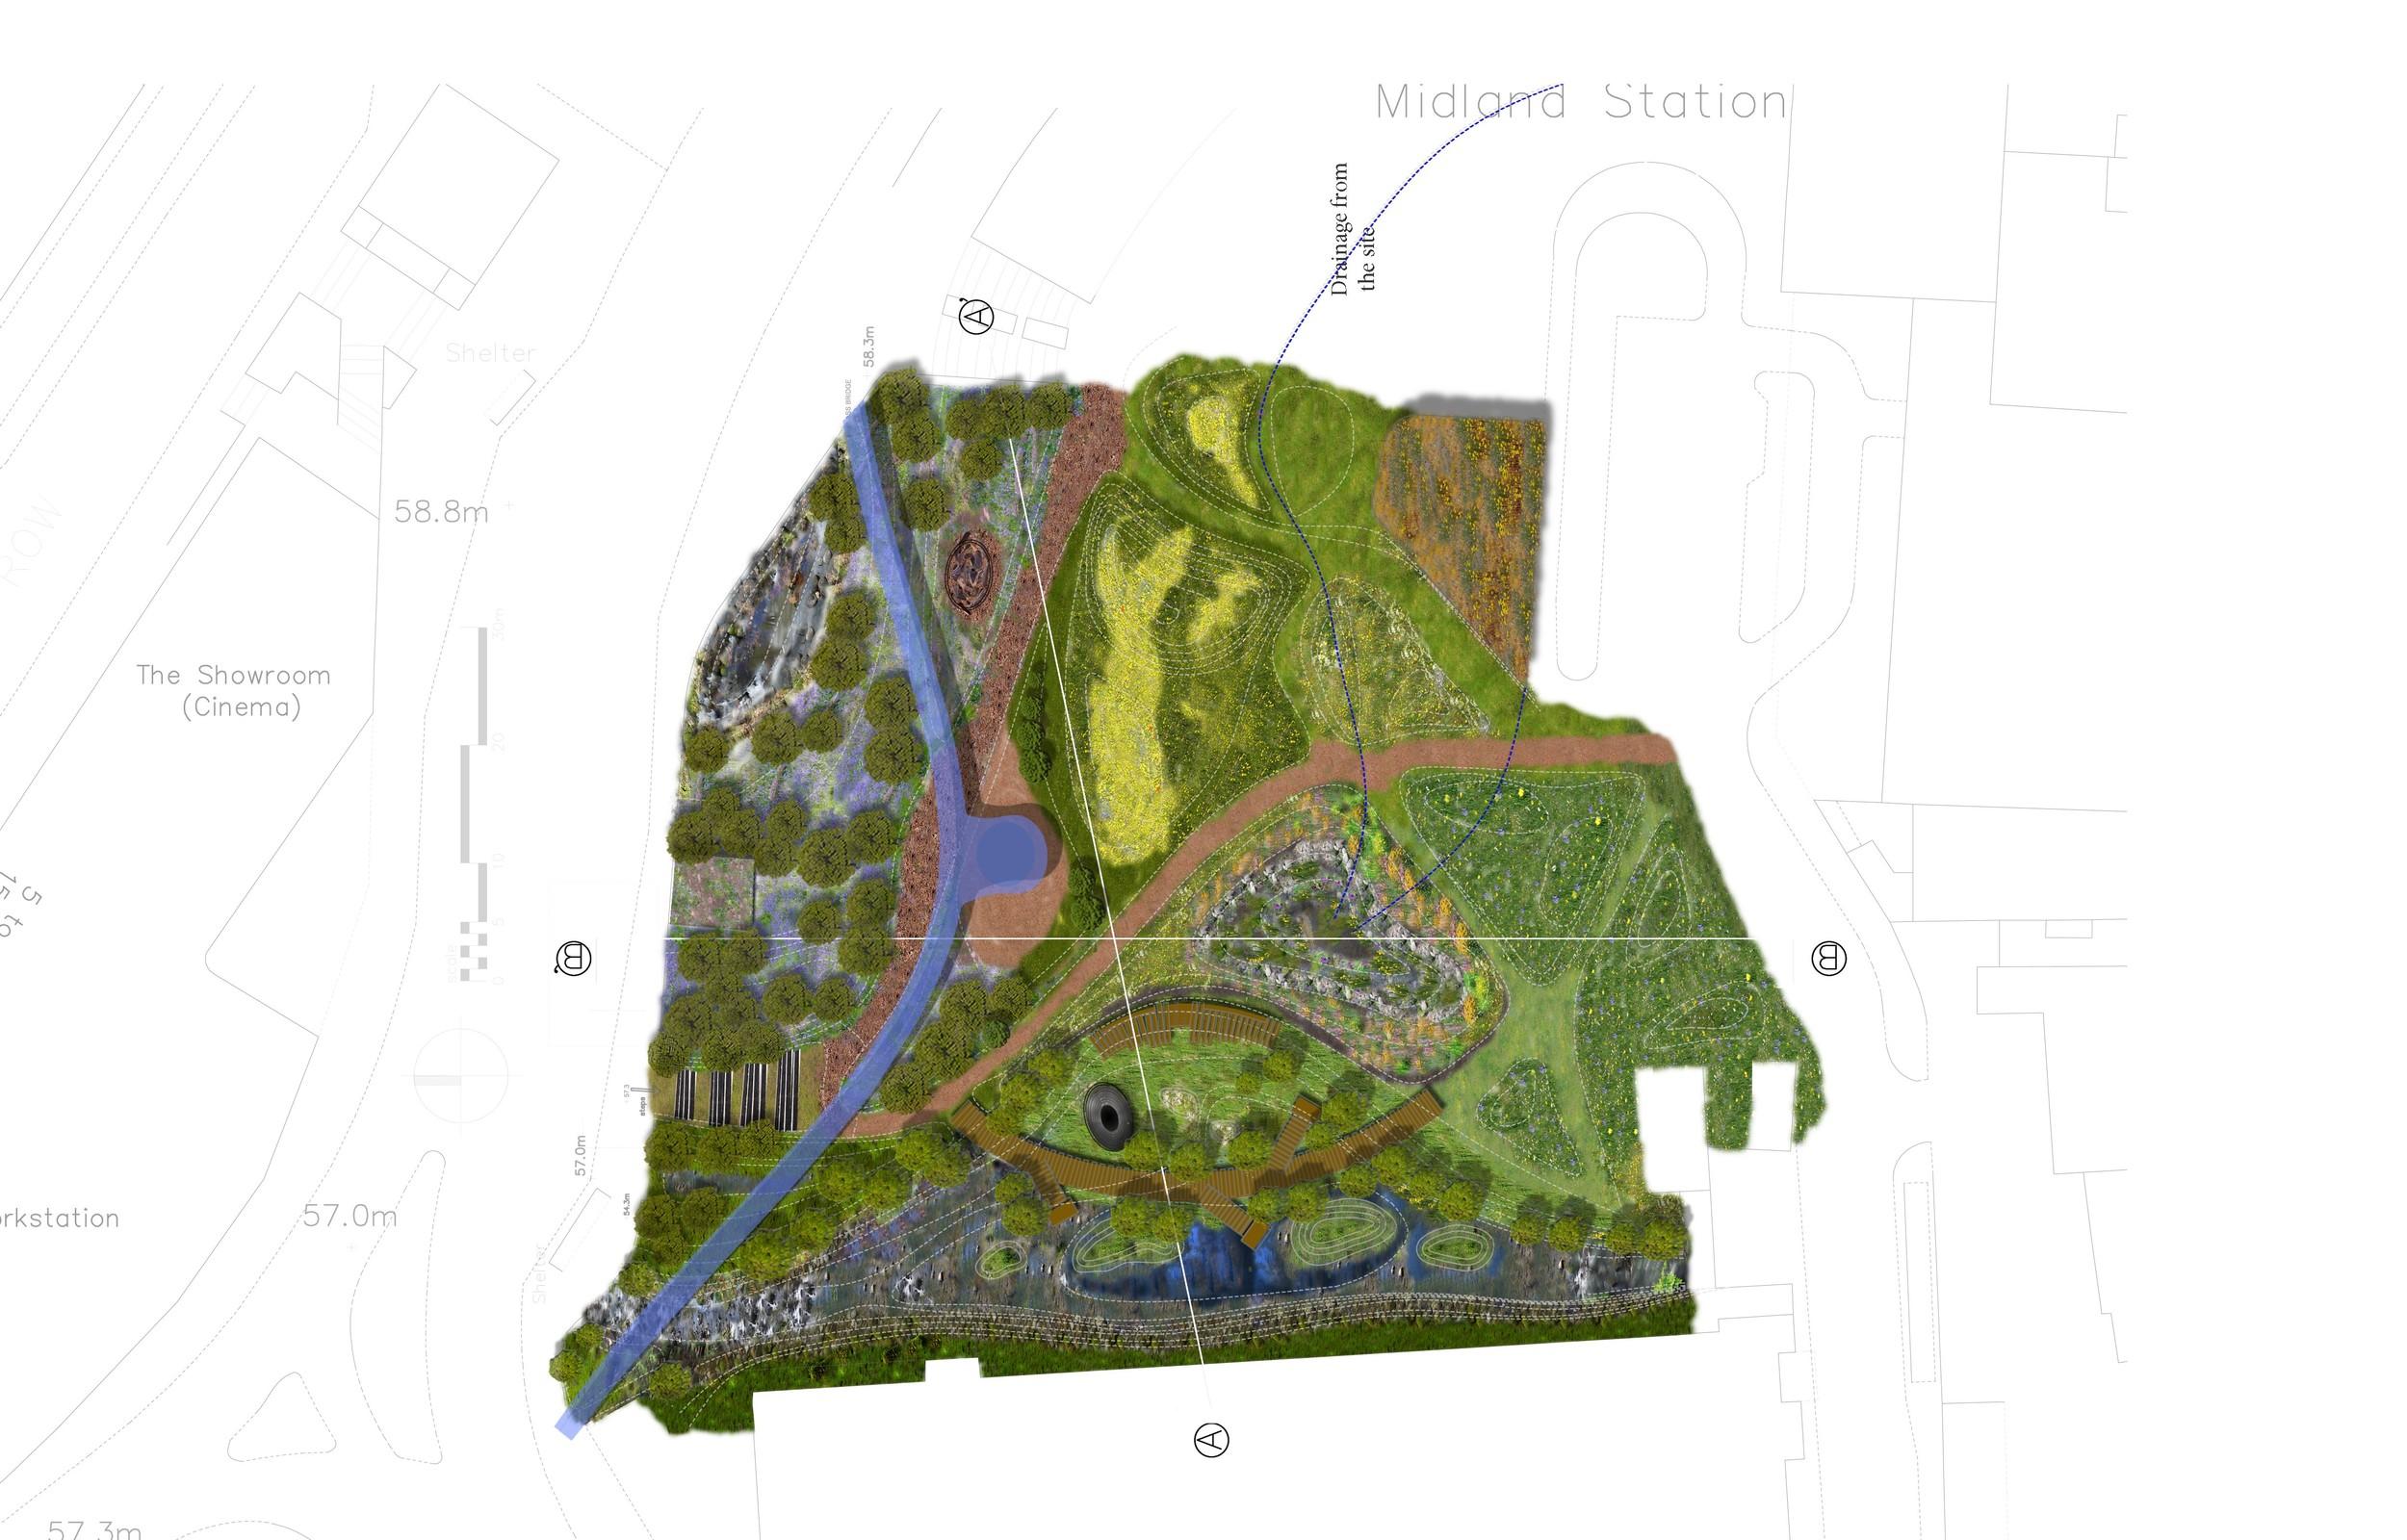 Sheaf Square Proposal Plan-yanlishen